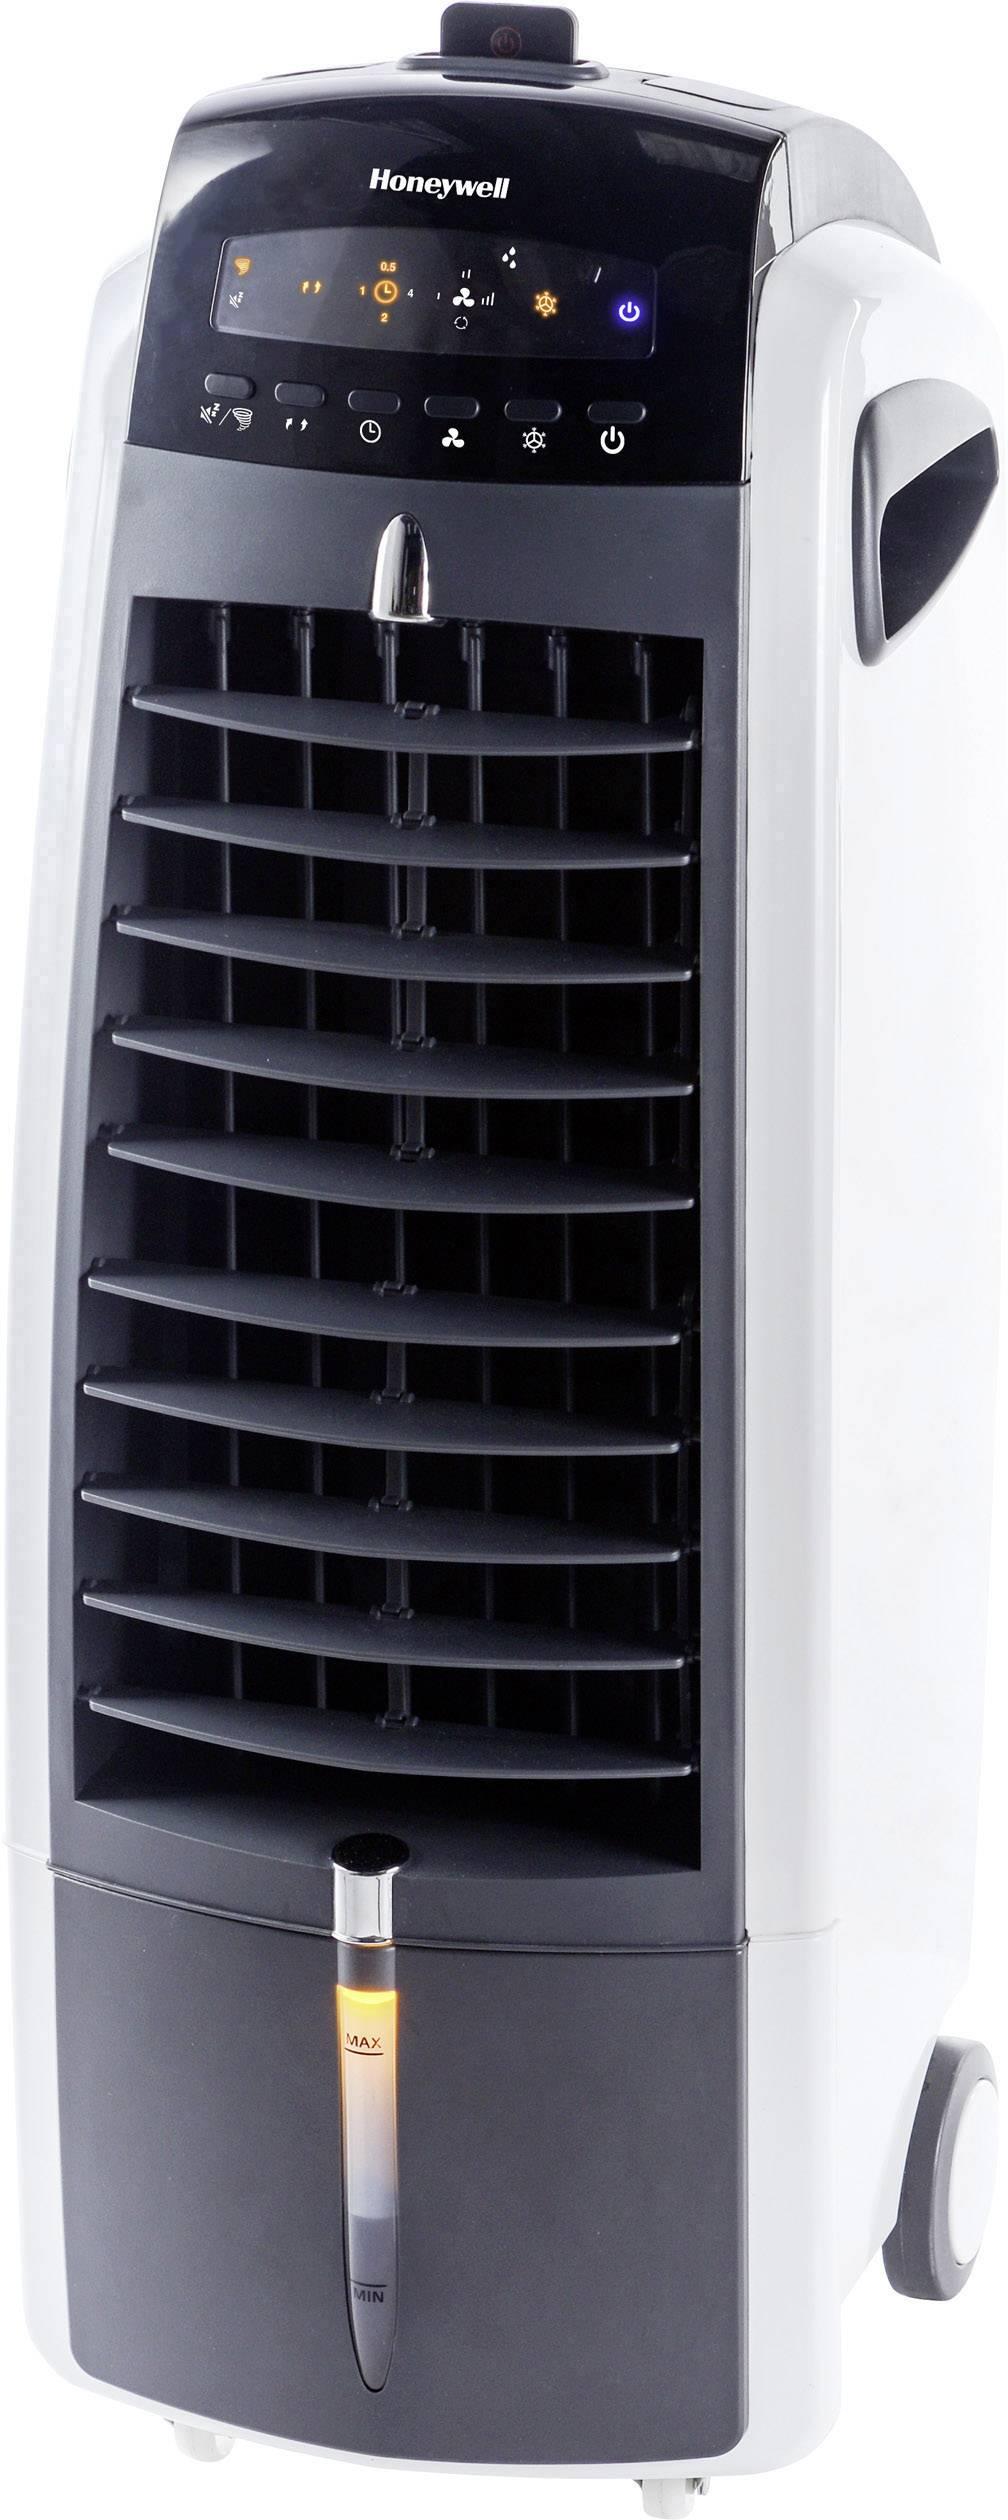 Mobilní ochlazovač vzduchu s dálk.ovladačem Honeywell AIDC ES800, 38.1 W, černá, bílá